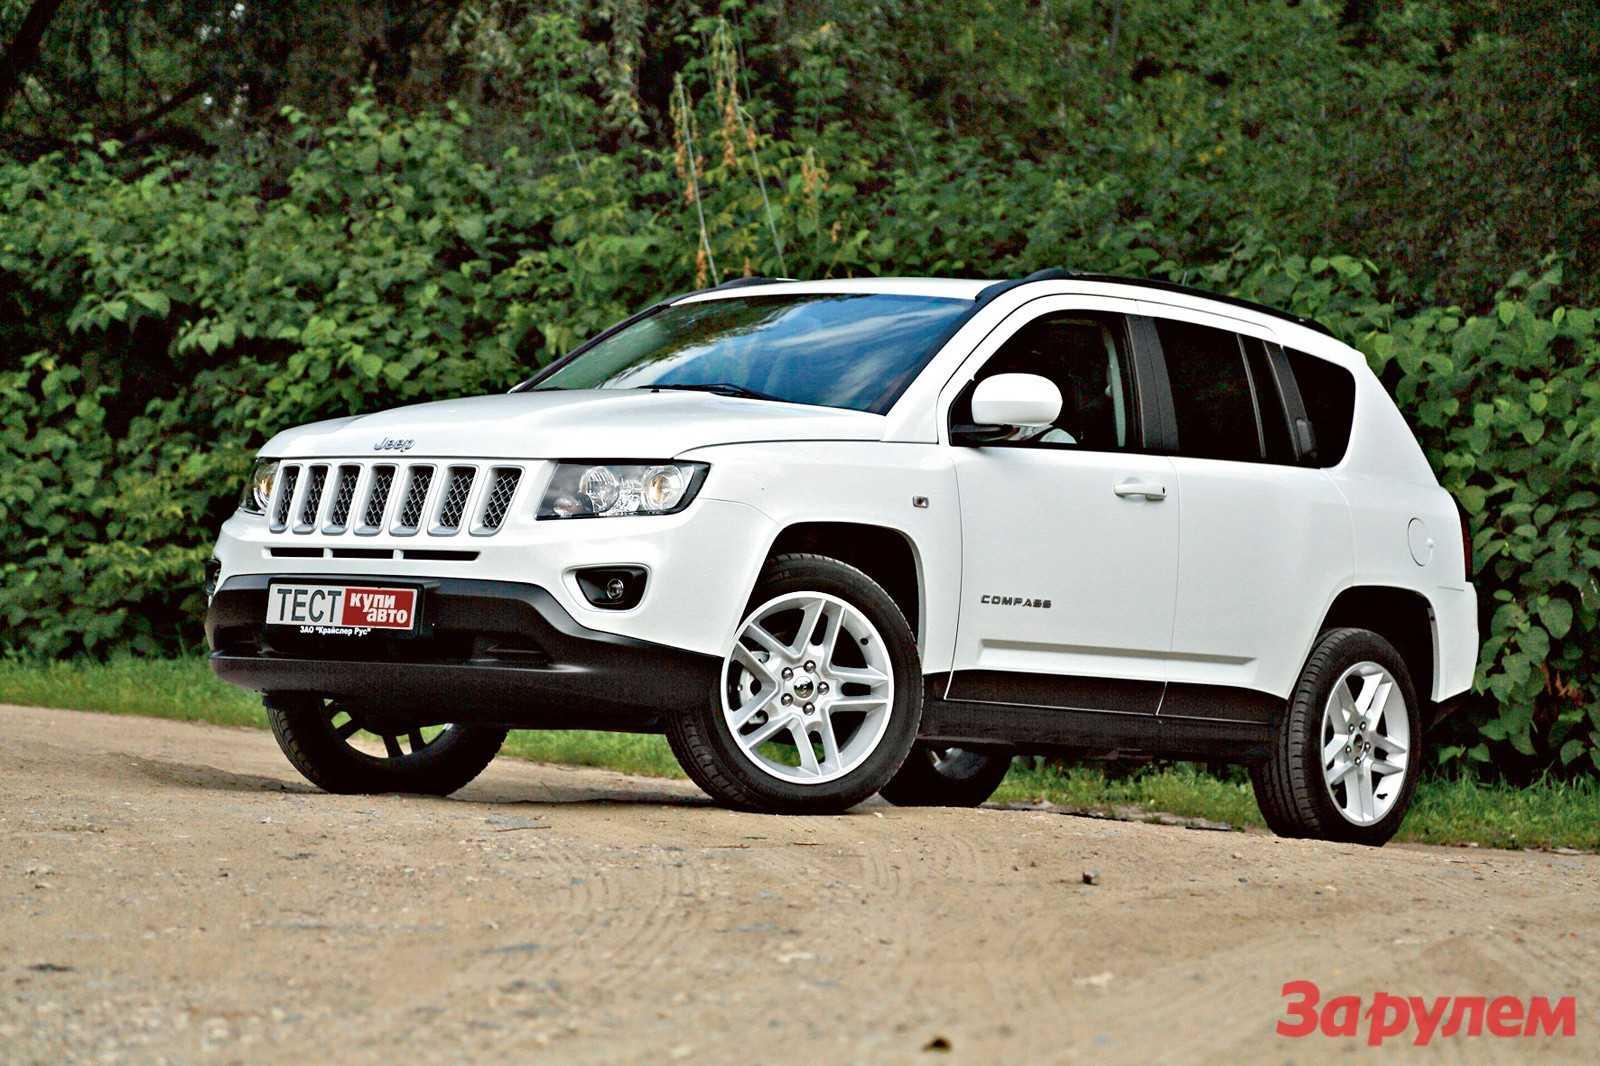 Jeep compass 2012, 2.4 литра, тюмень, 4вд, 170 л.с., cvt